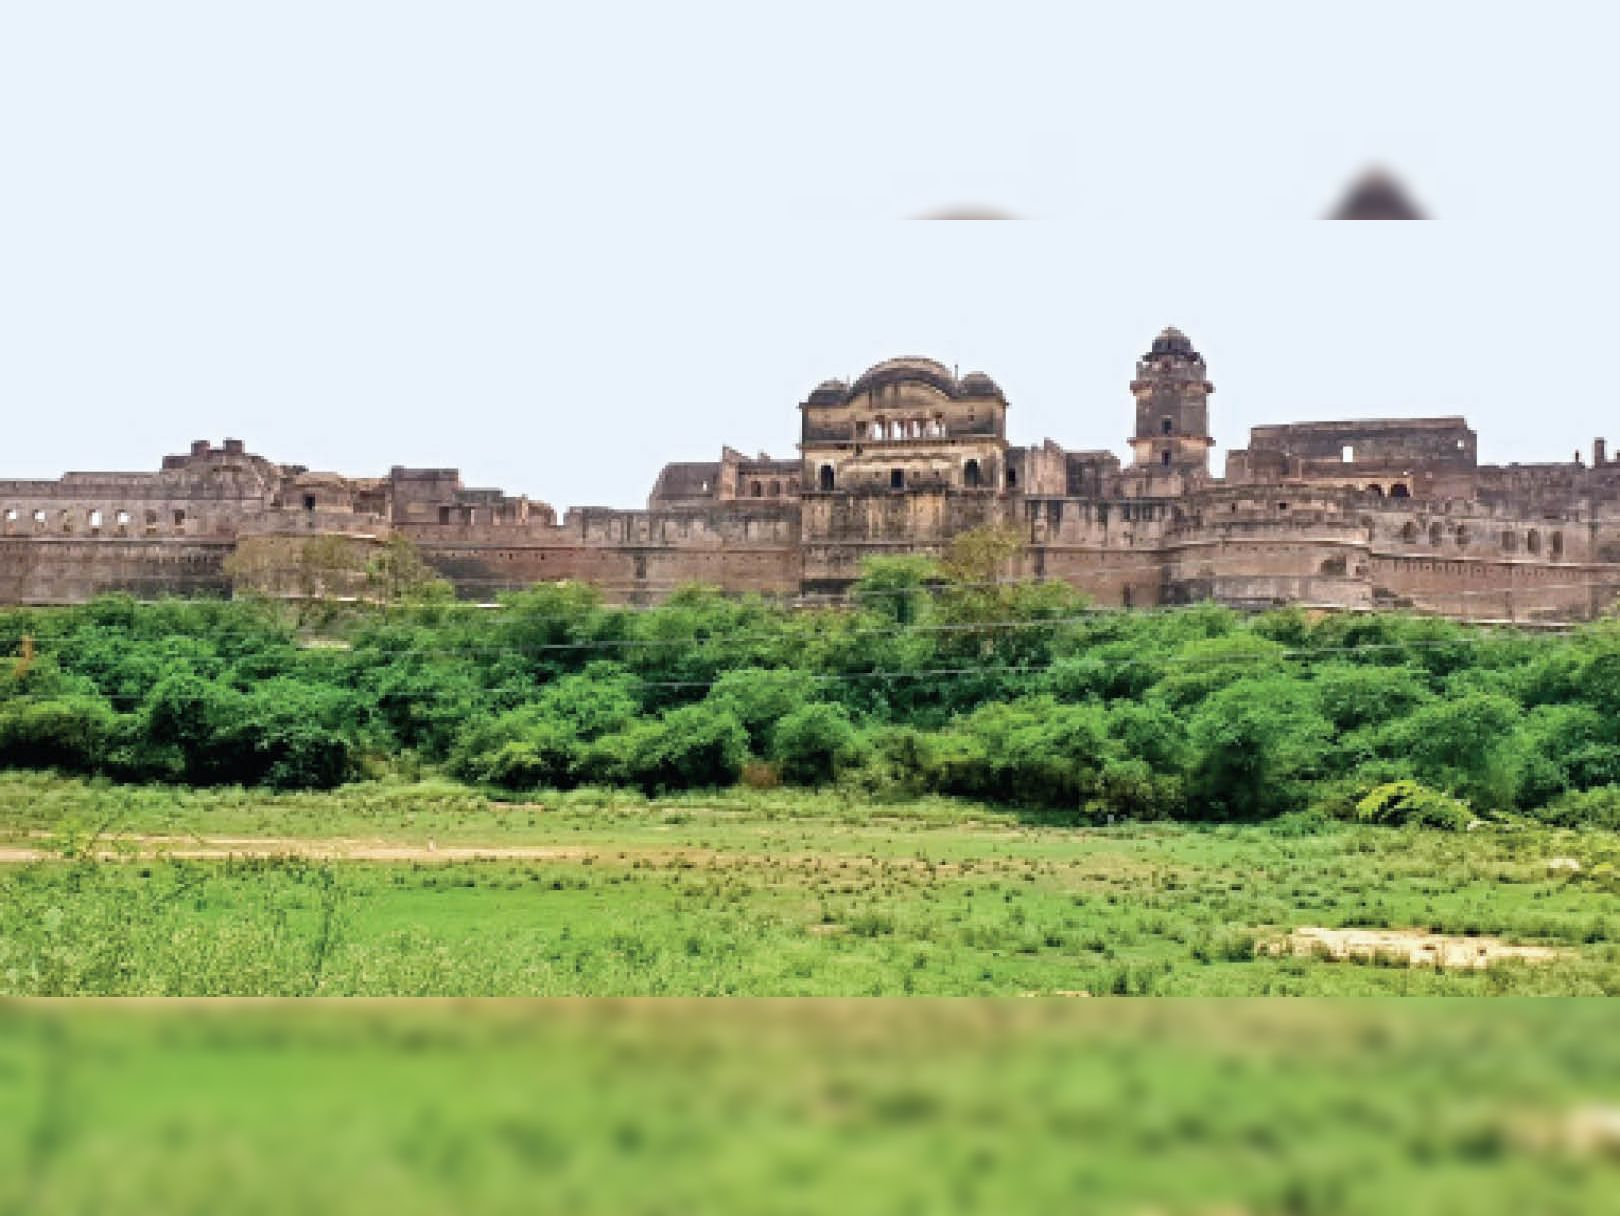 तलहटी में तालाब और पार्क बनेगा, ताकि किला घूमने आने वाले सैलानी बोटिंग भी करसकें भिंड,Bhind - Dainik Bhaskar